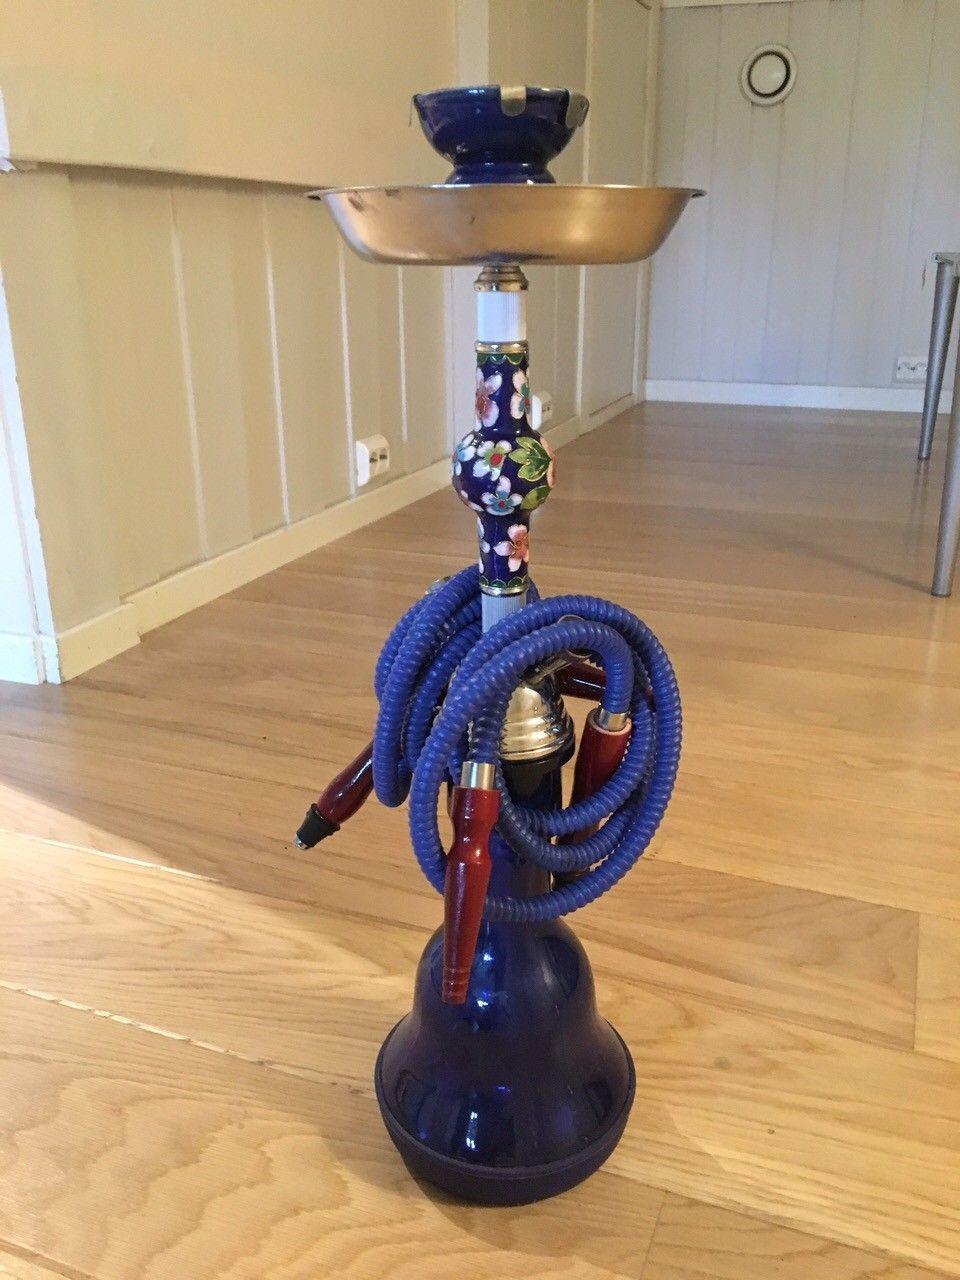 Vannpipe / shisha - Høvik  - Nydelig dekorativ vannpipe / shisha til salgs. Den har to pipeuttak slik at man kan være to stk som røyker samtidig. Den er i god stand og fungerer som den skal. - Høvik